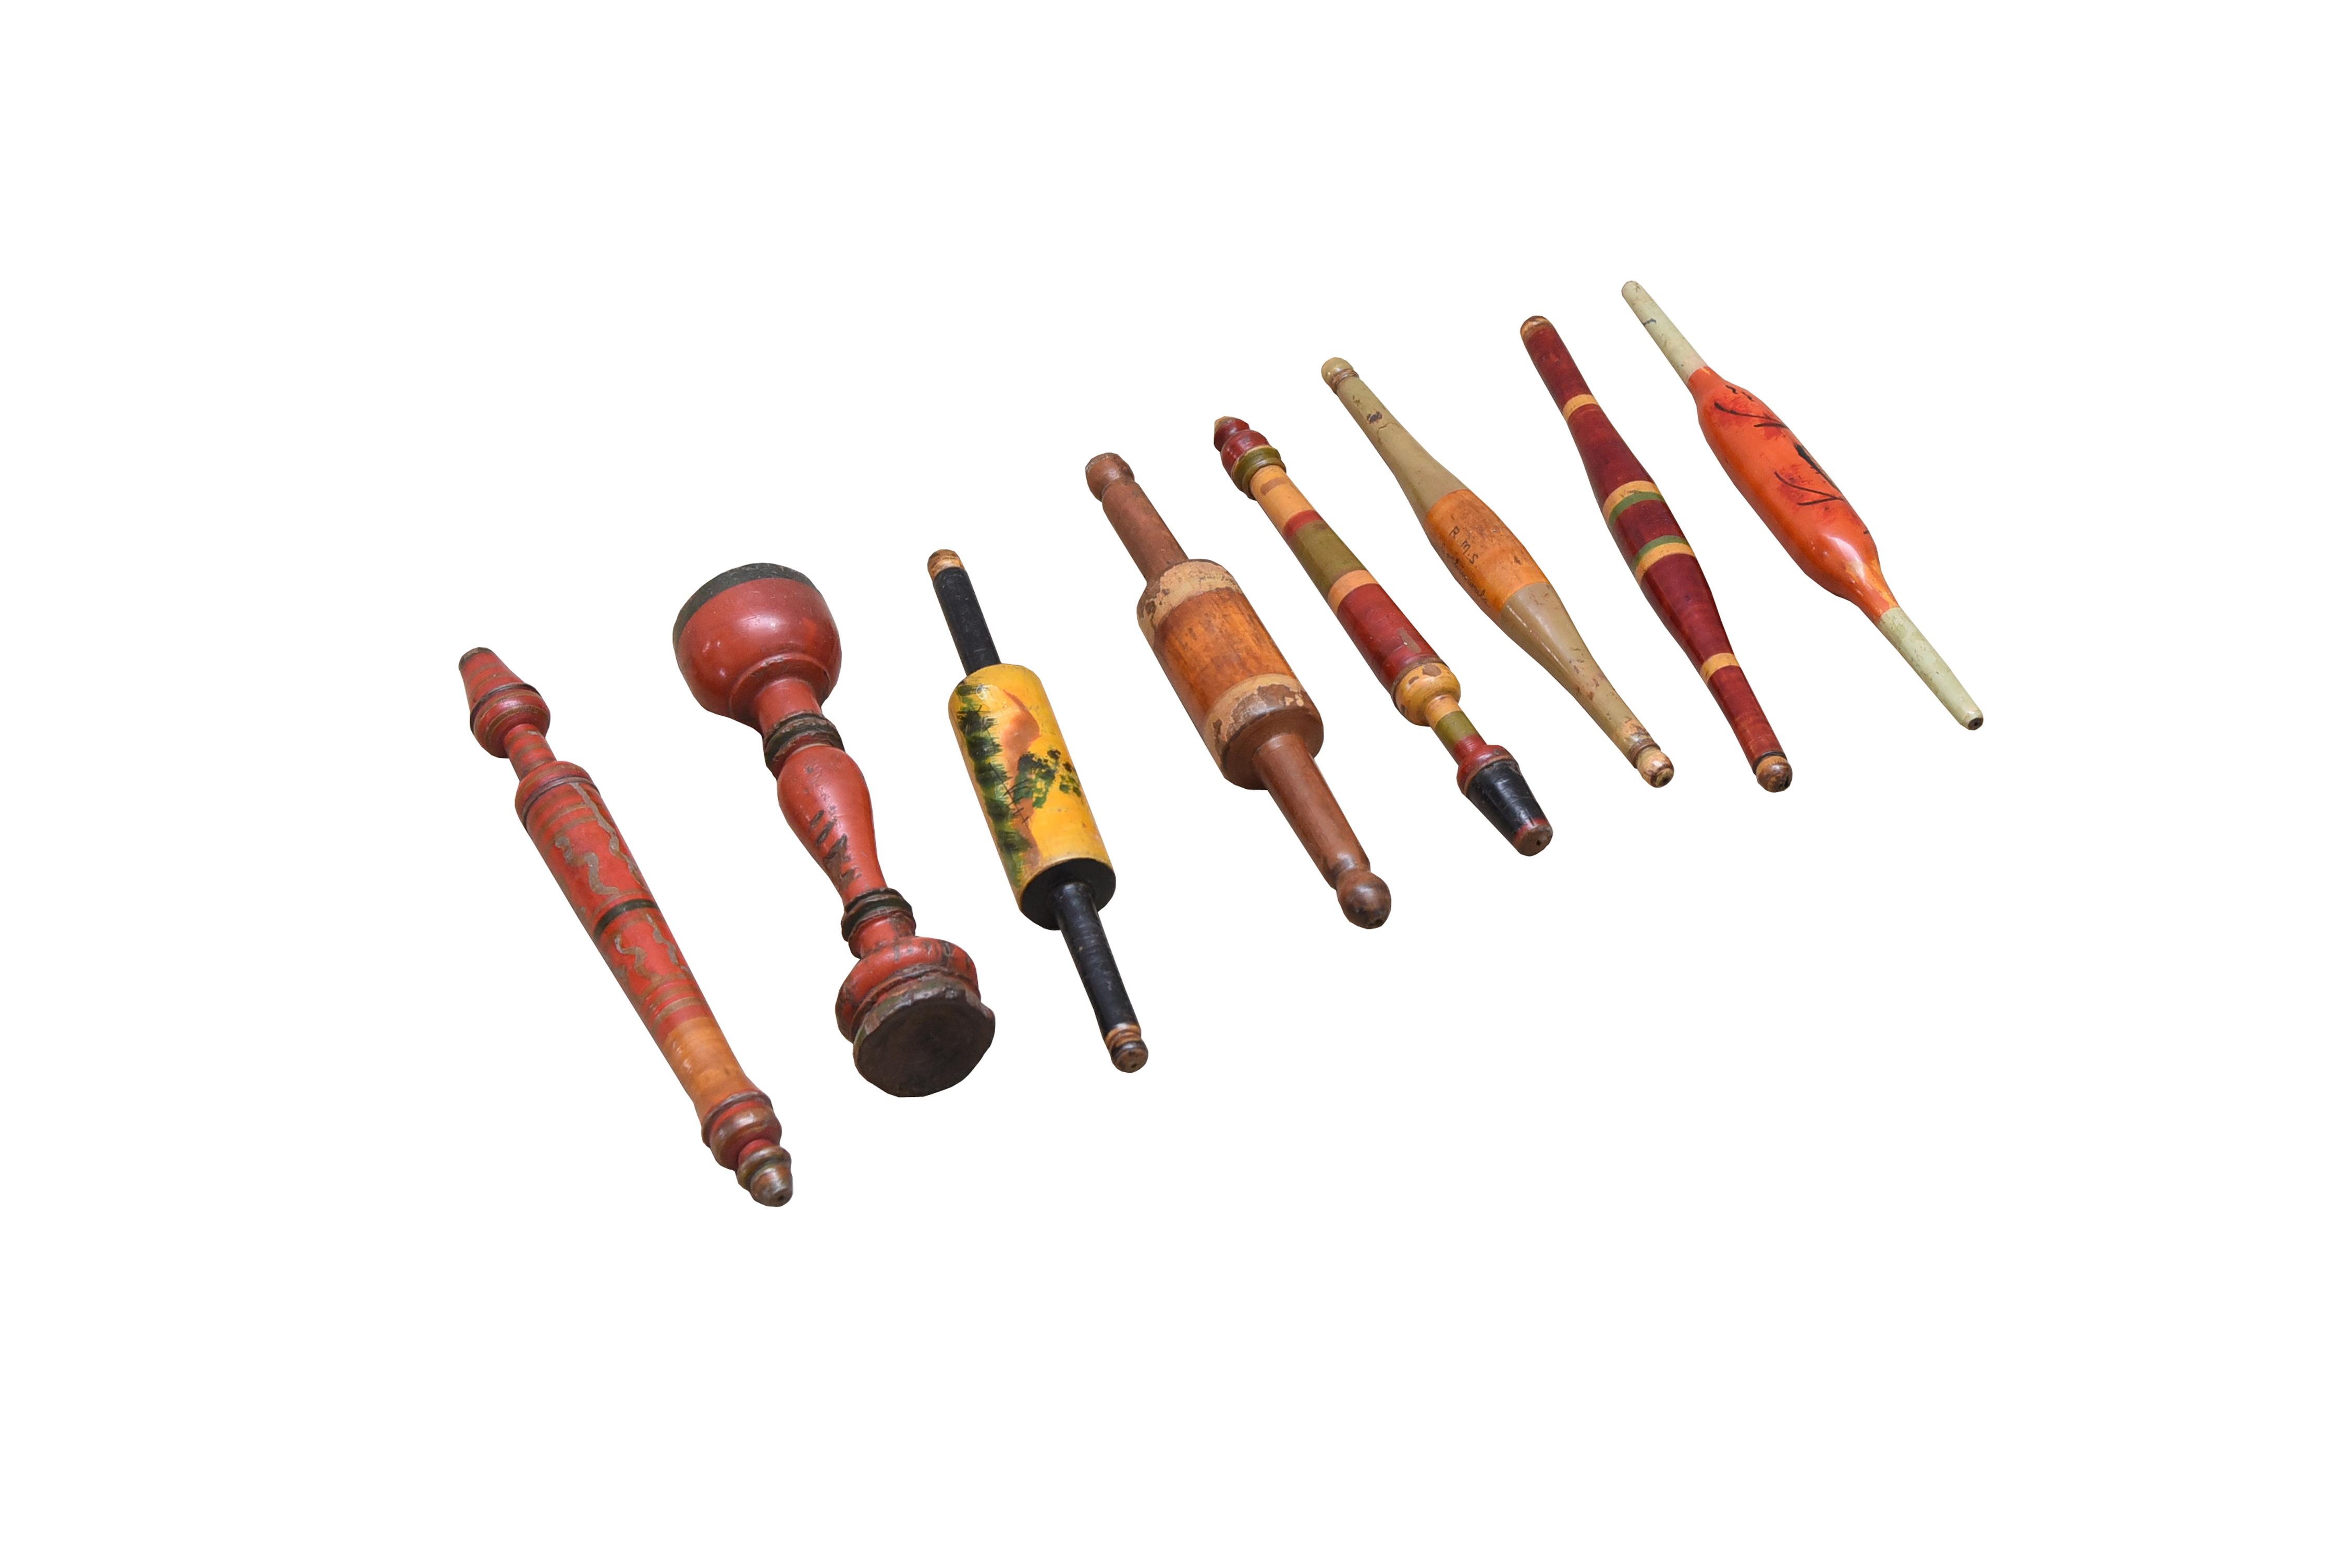 ANJO1859 - various size av. 25cm